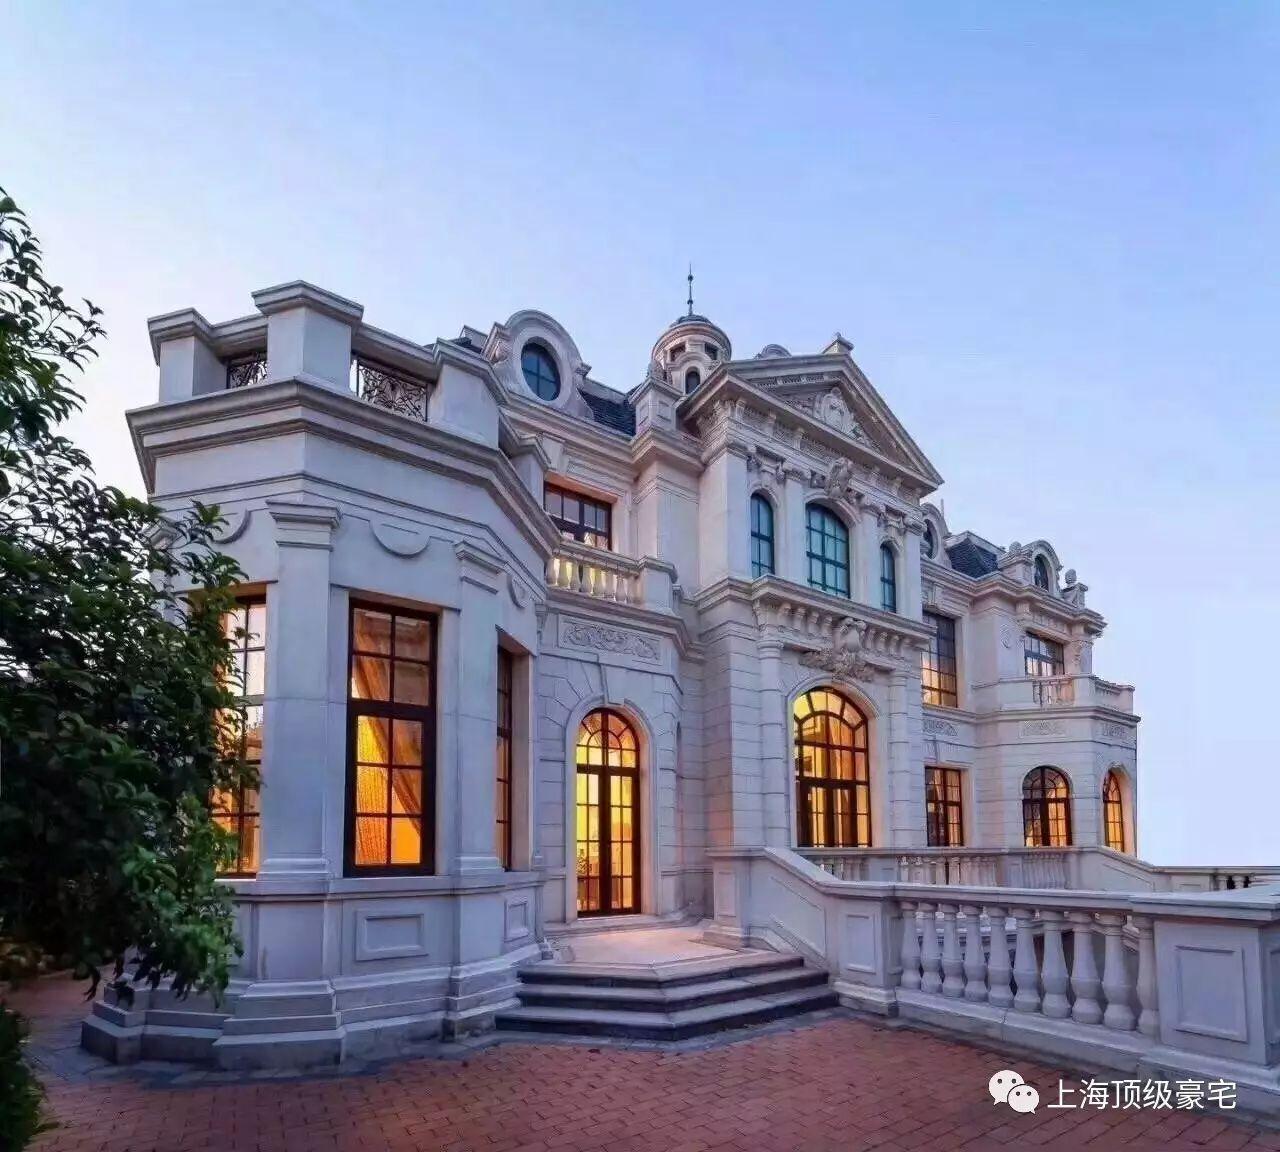 城堡别墅丨建筑面积654㎡ ~1230㎡丨总价3900万-1.3亿